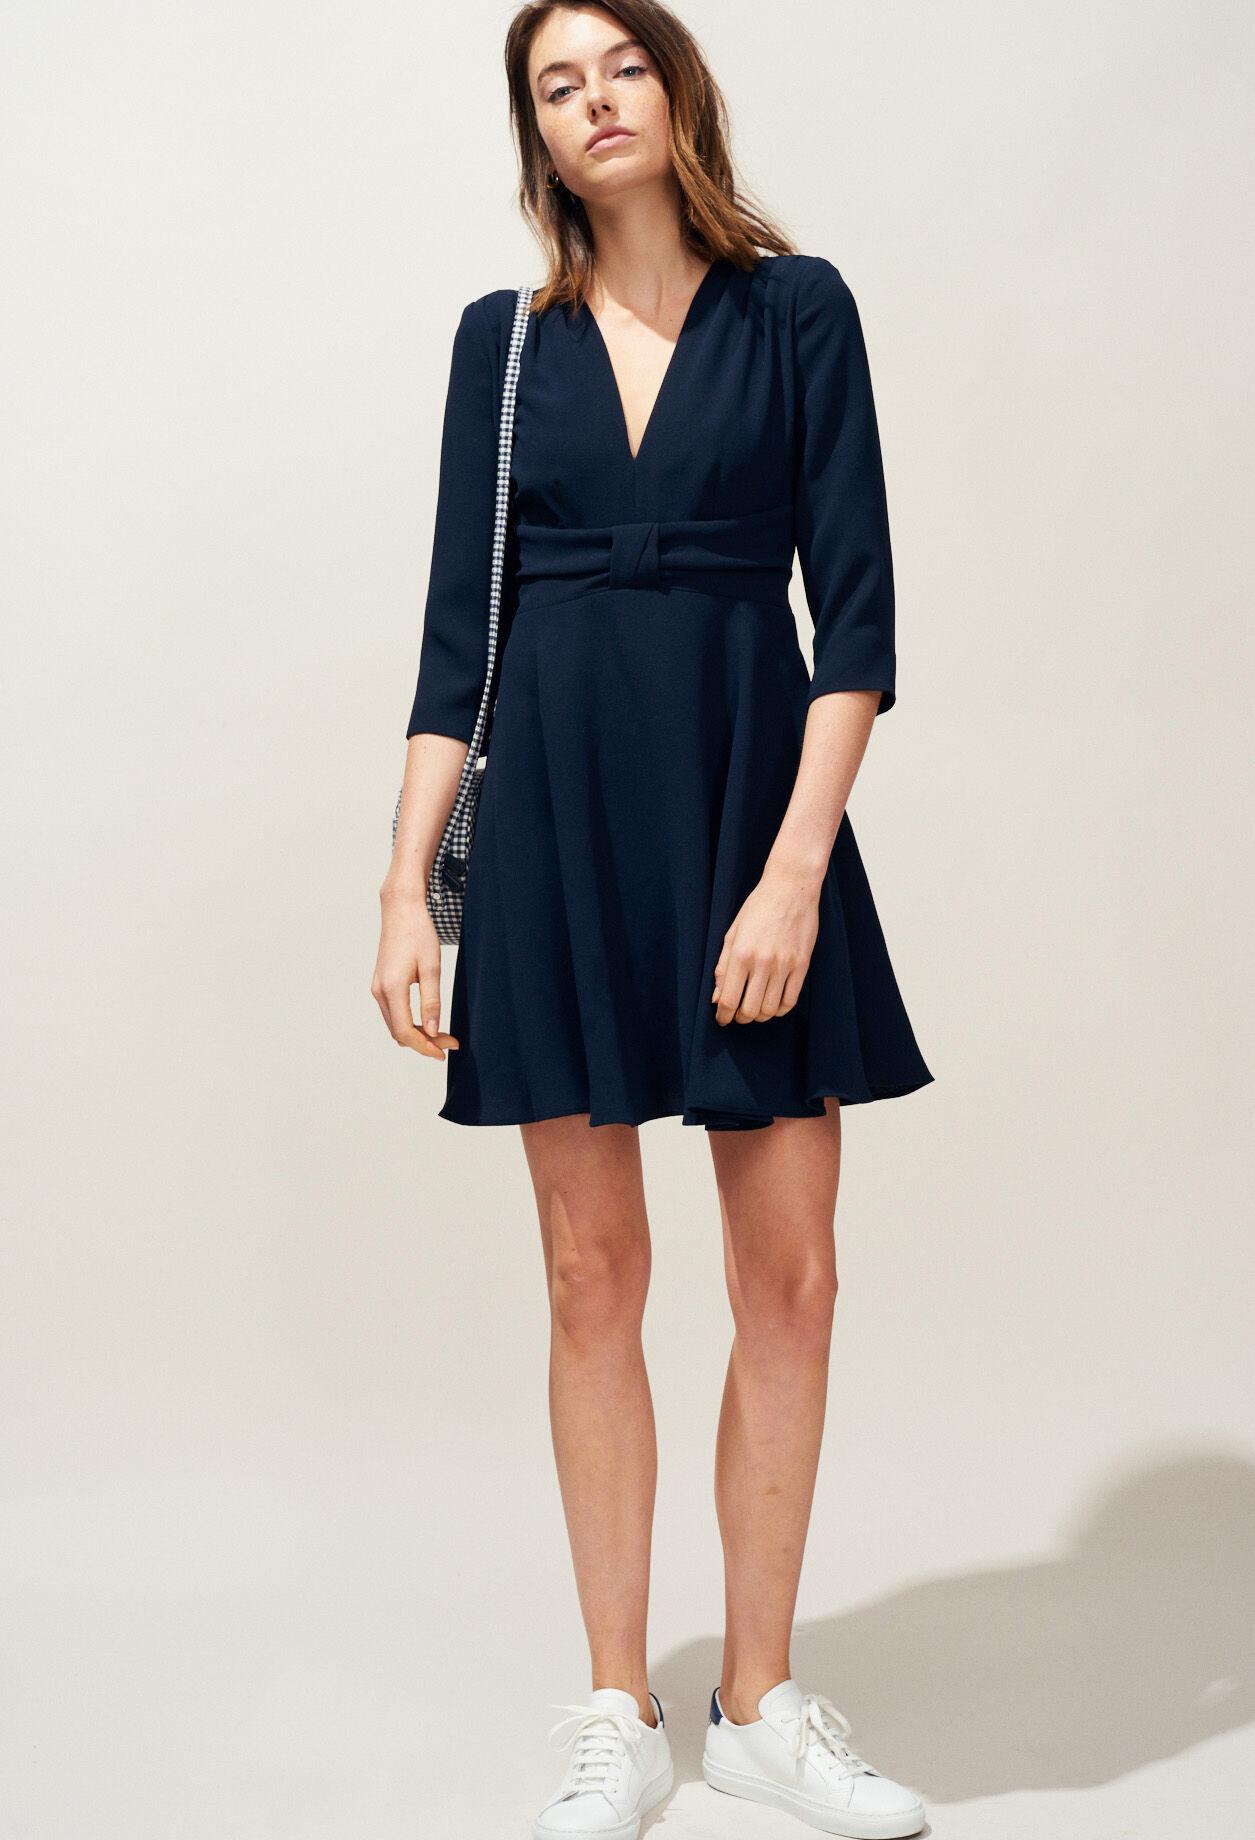 Pierlot Femme Claudie Nouvelle Co Robes 8qYvnwZHv